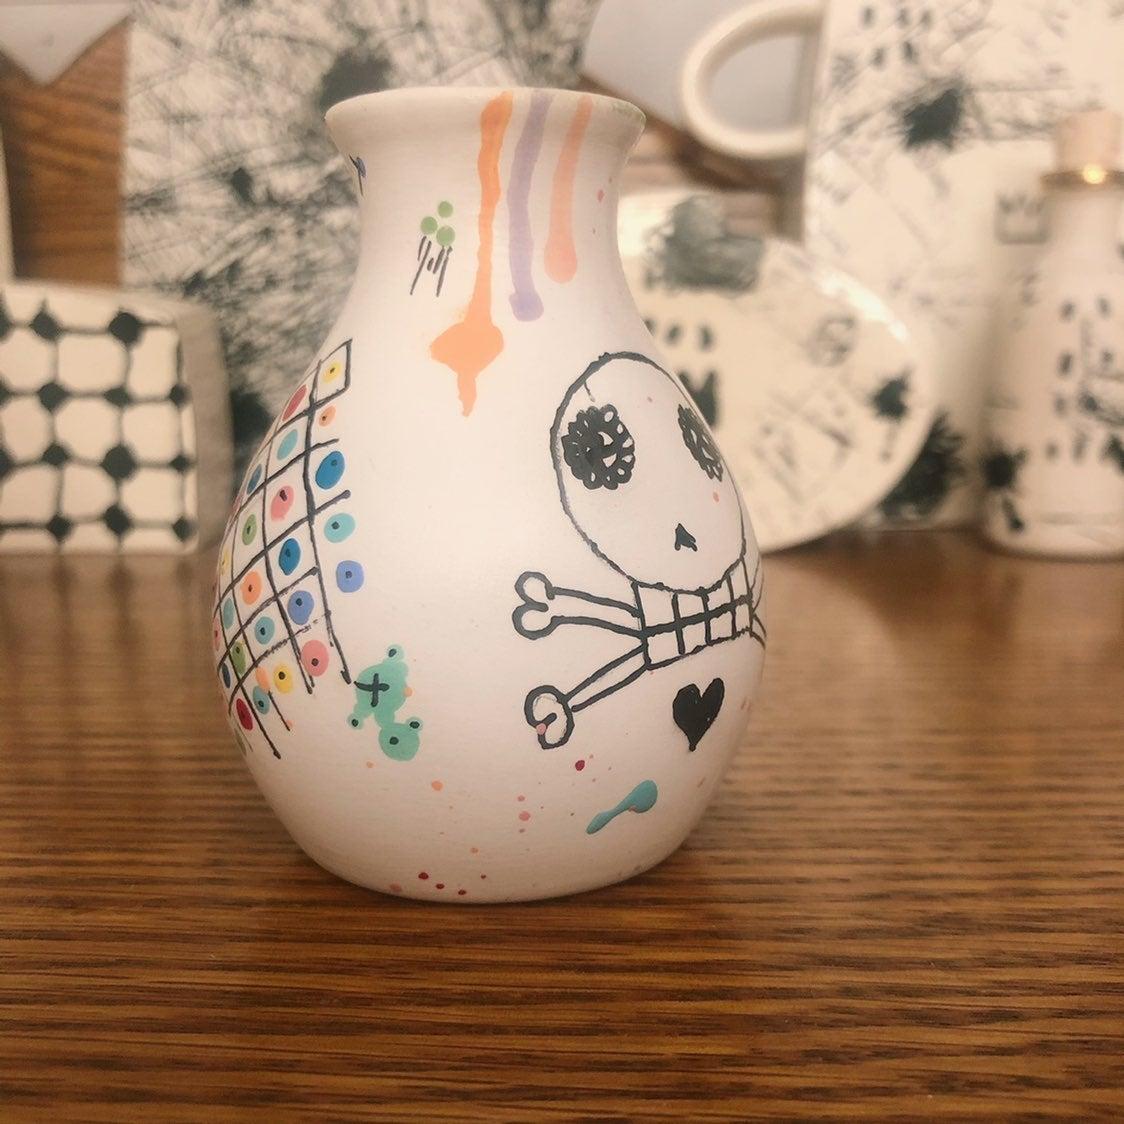 Inspired Lolliskull mini vase